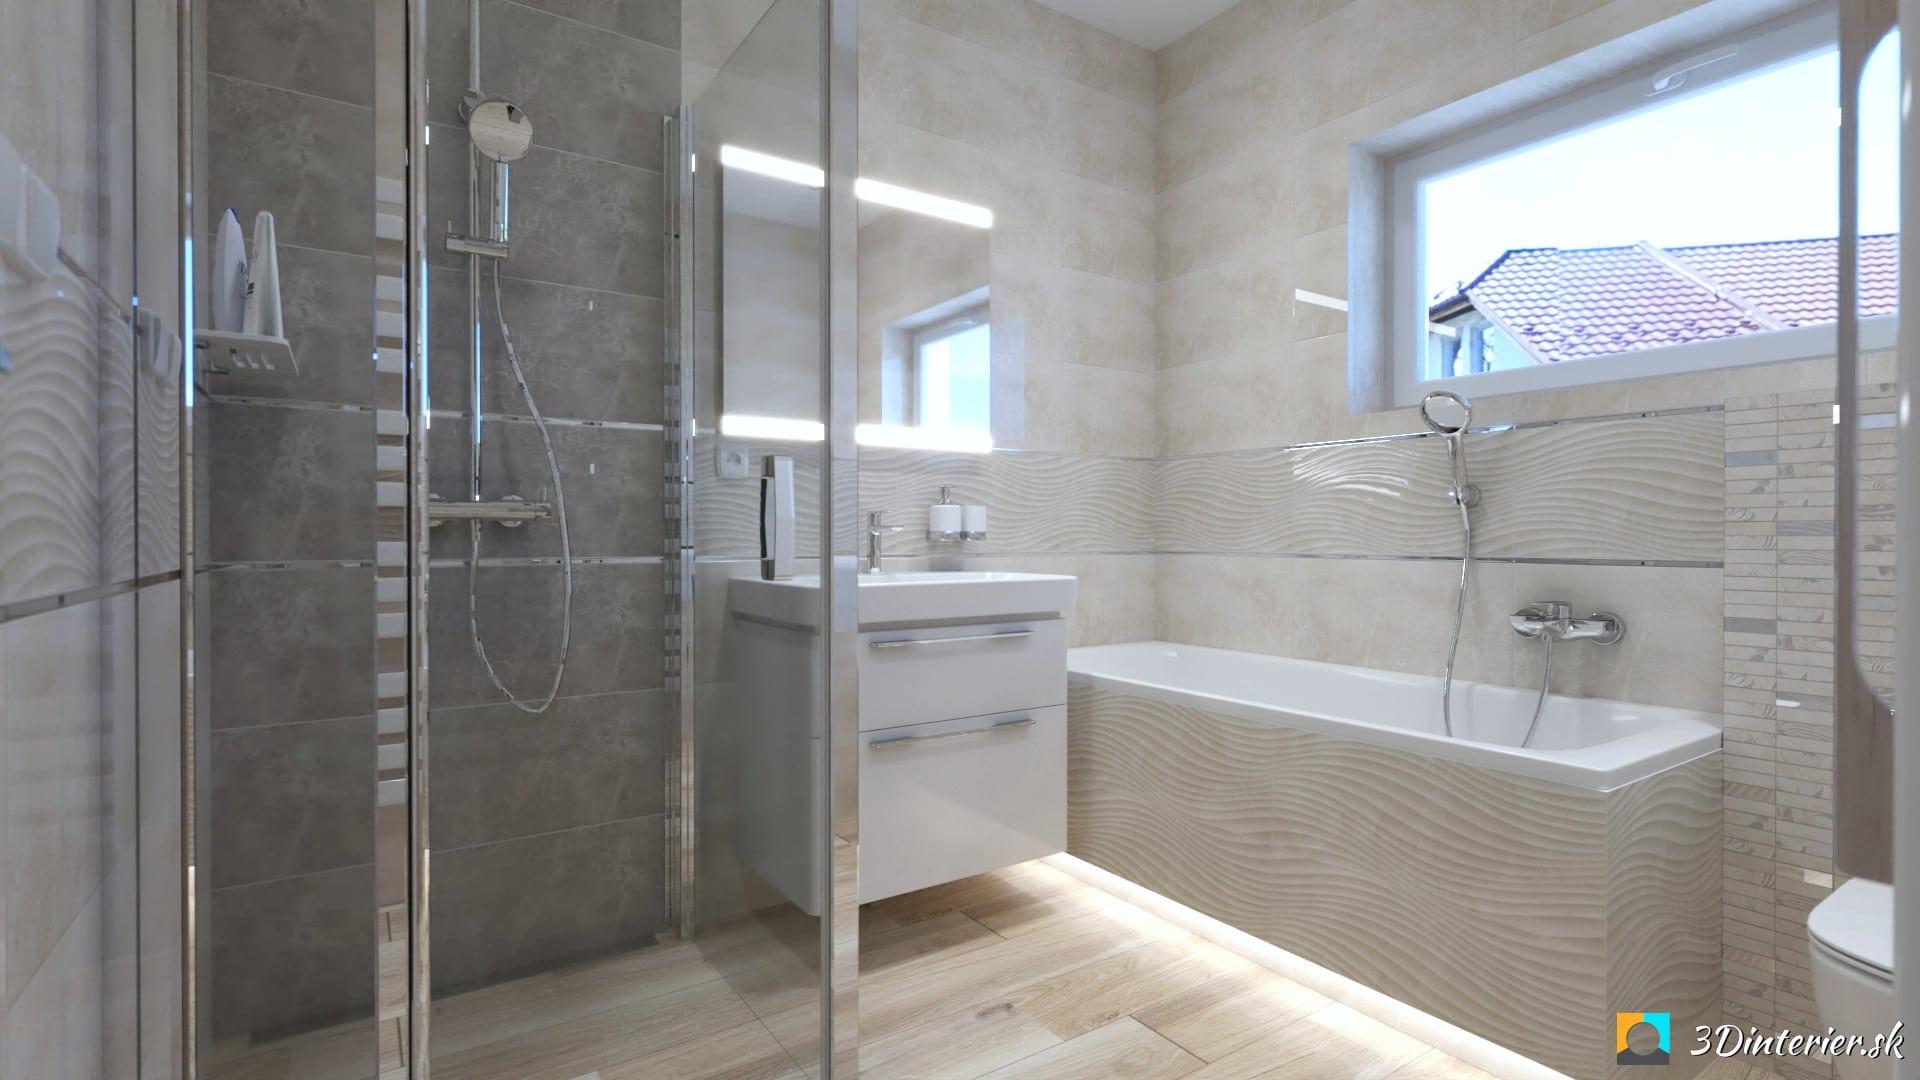 mramorový obklad v kúpeľni